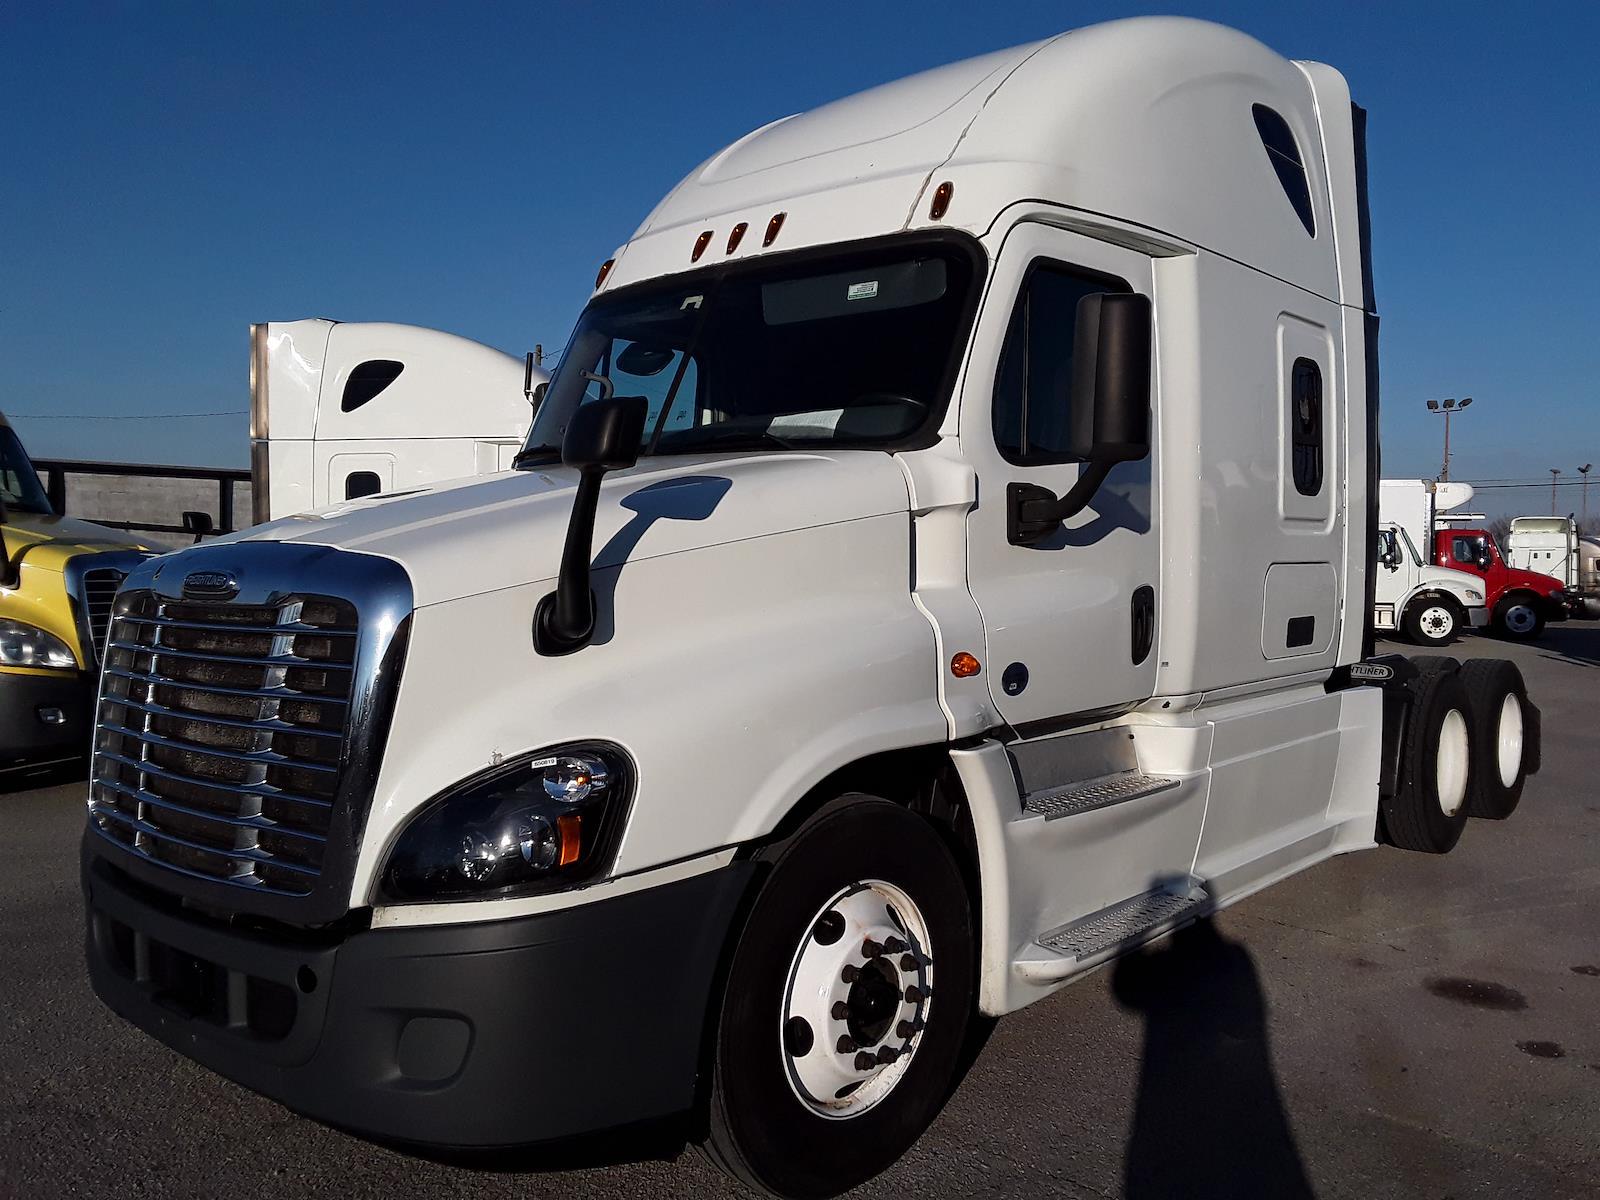 2016 Freightliner Truck 6x4, Tractor #650819 - photo 1